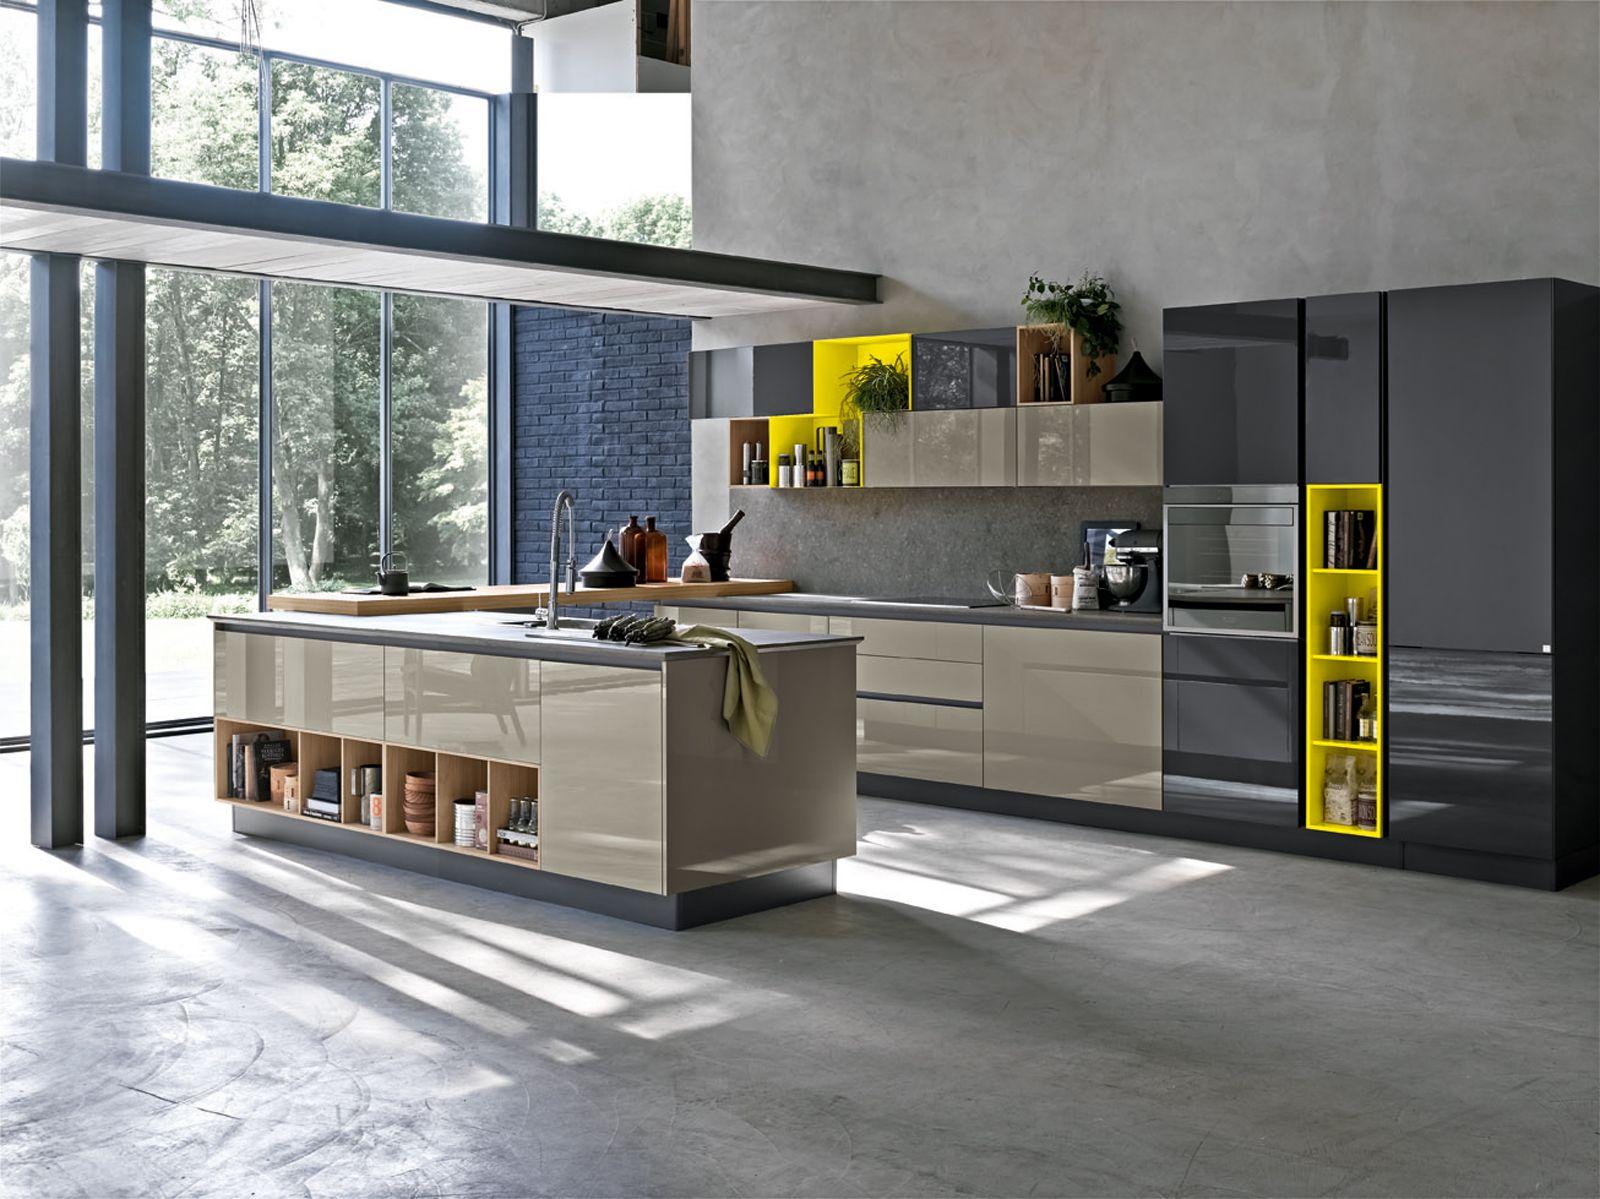 Scopri come vincere una nuova cucina kitchen pinterest cucine